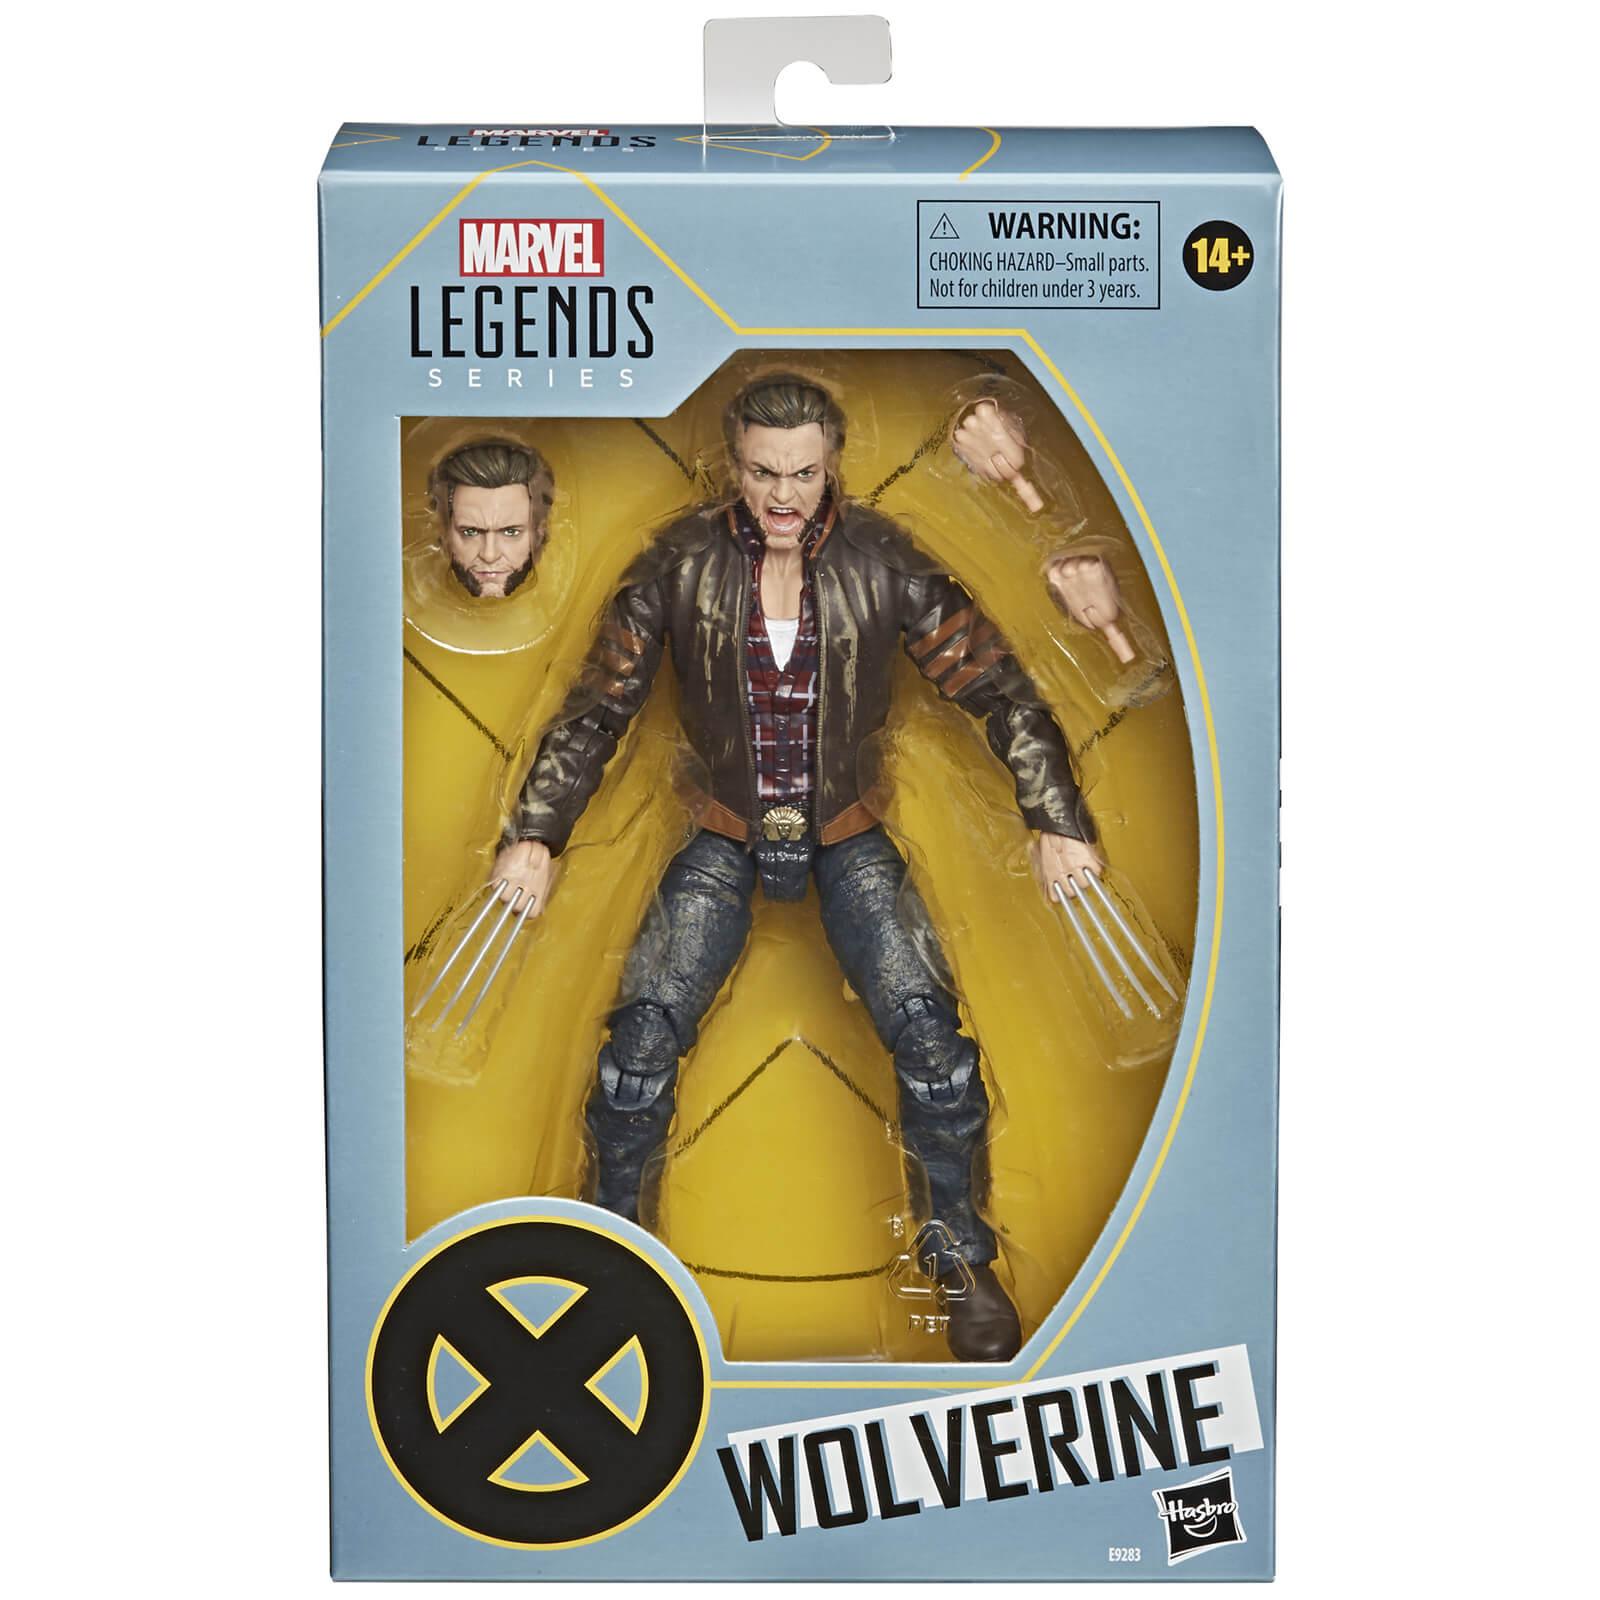 Legends: Mystique » X Men » Popfiguren » Speelgoed figuren